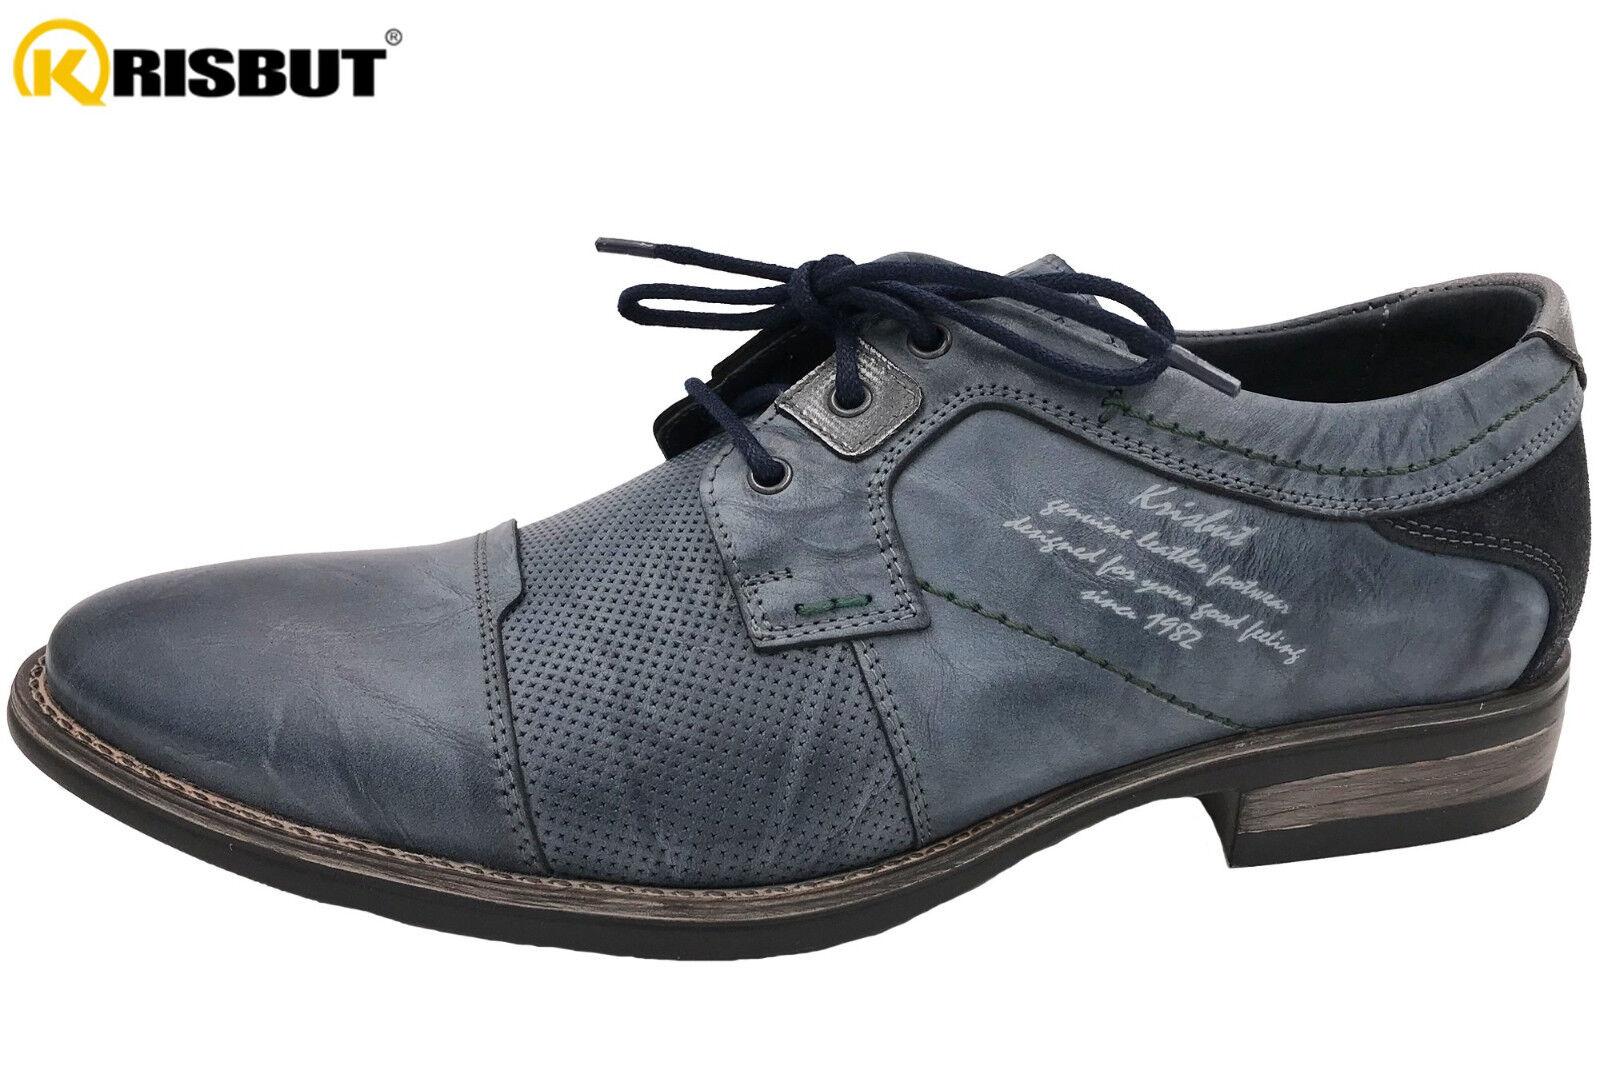 Krisbut Herren Schuhe Blau Kombi Elegante Schnürschuhe Leder NEU 4885-3